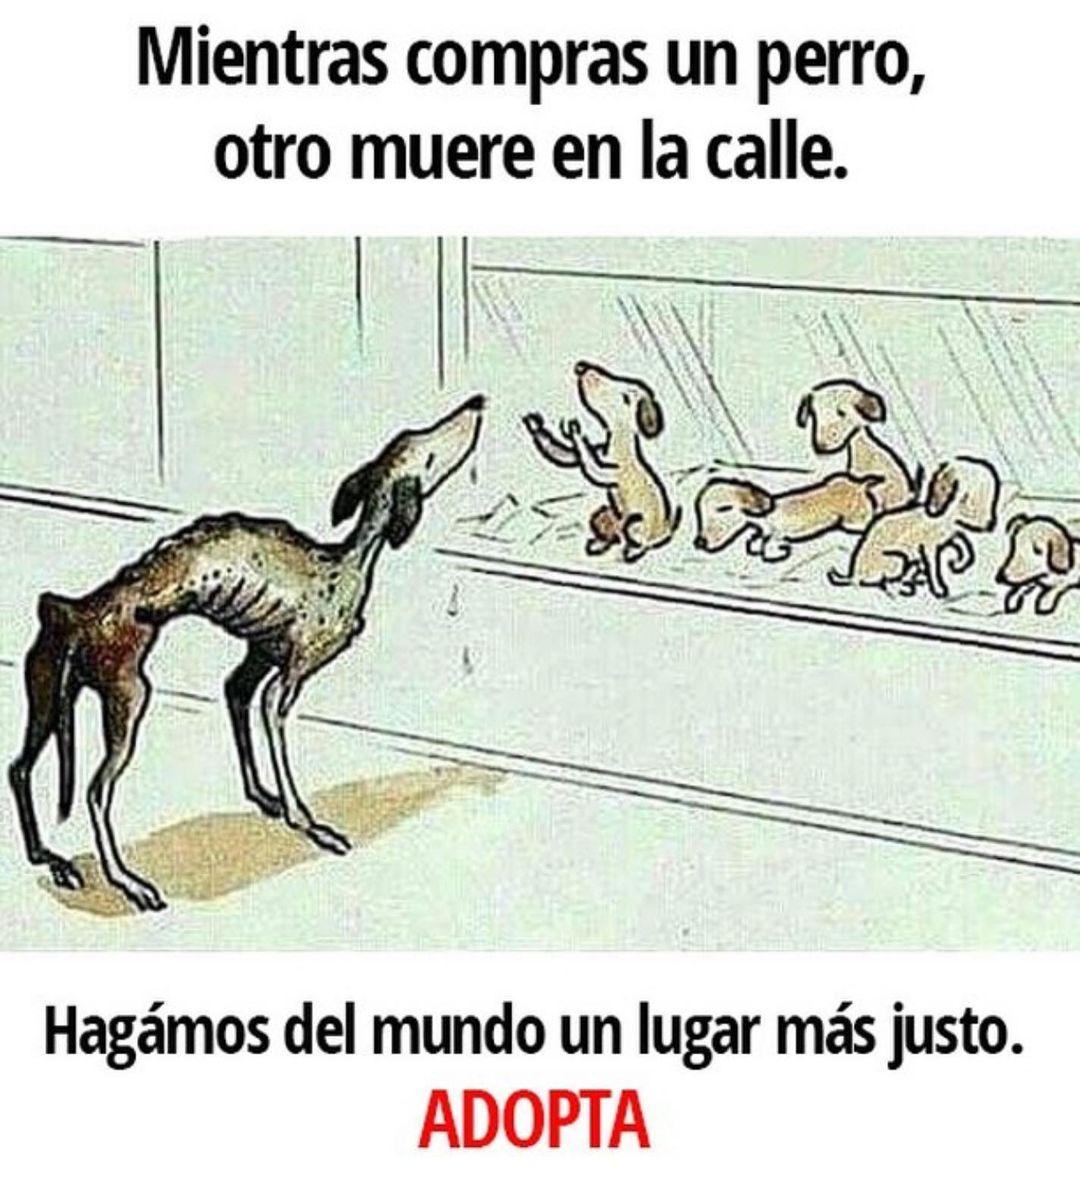 Mientras compras un perro, otro muere en la calle. Hagamos del mundo un lugar más justo. Adopta.